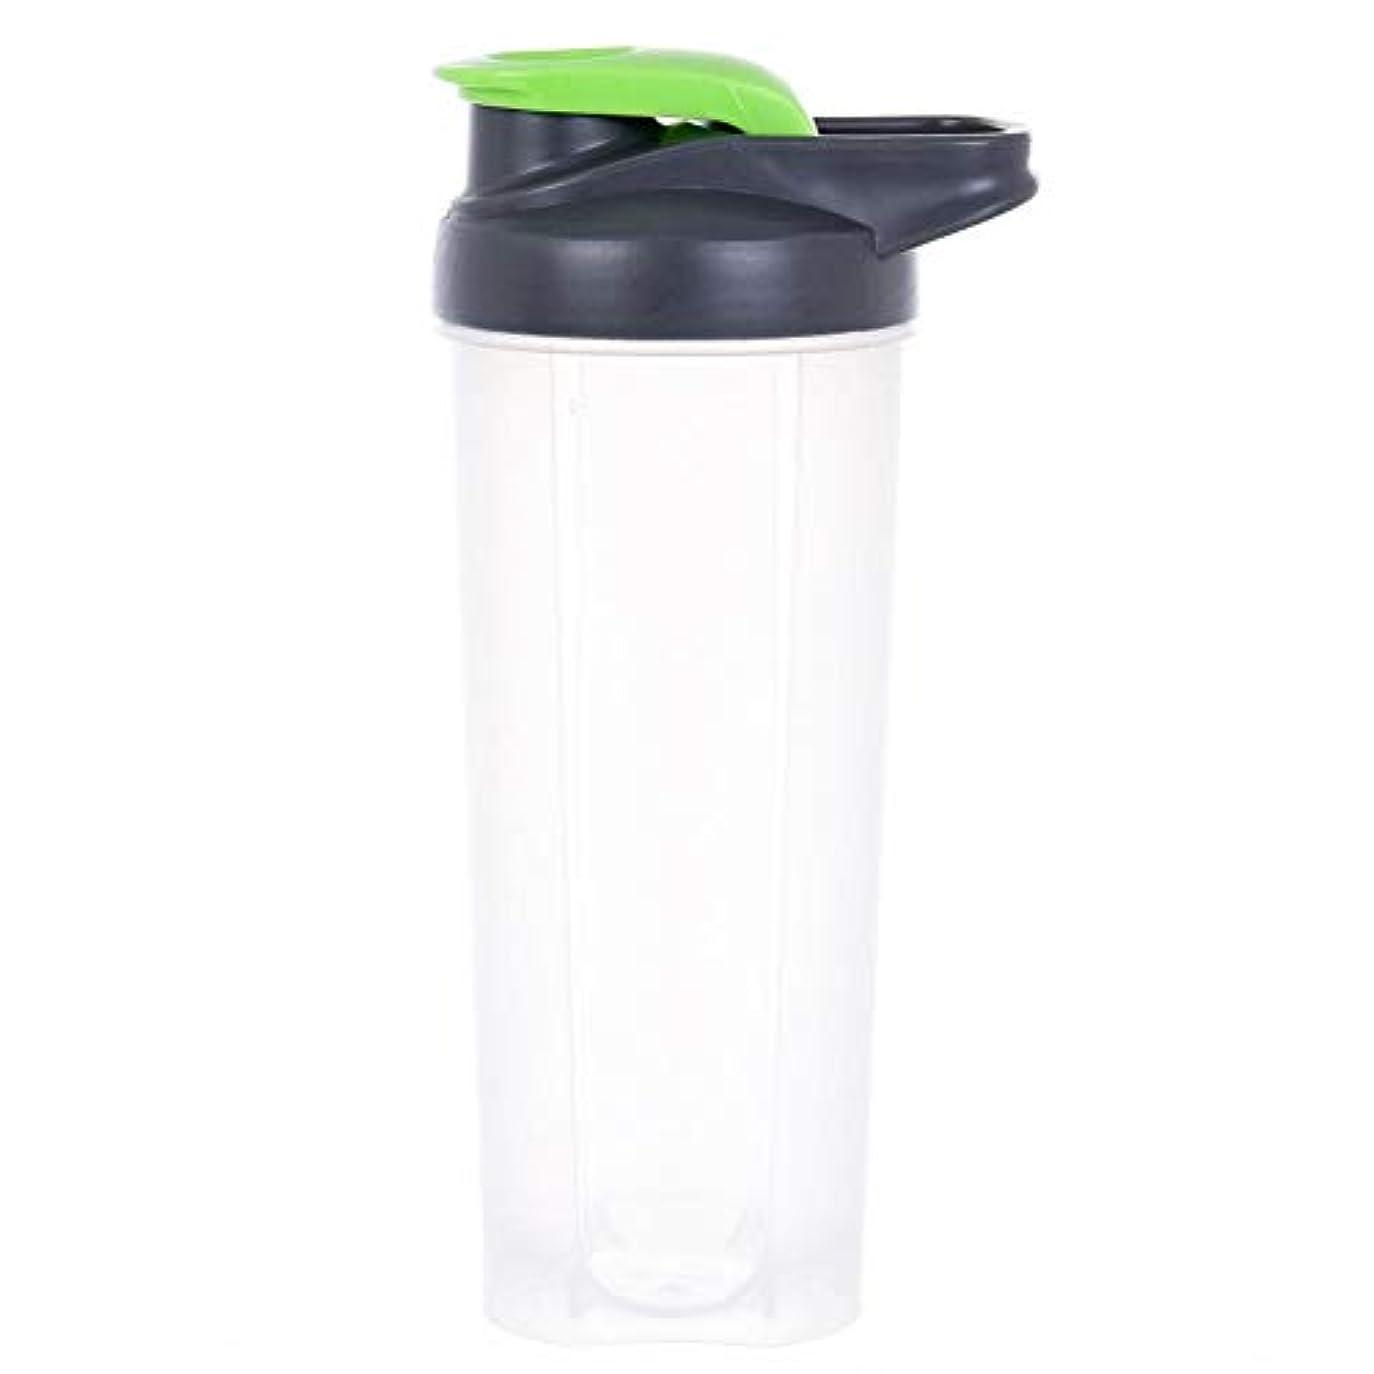 餌におい研磨剤ハンドル 蛋白質 粉 飲料 薬 混合の撹拌のびんが付いている 水差しの振動のコップ